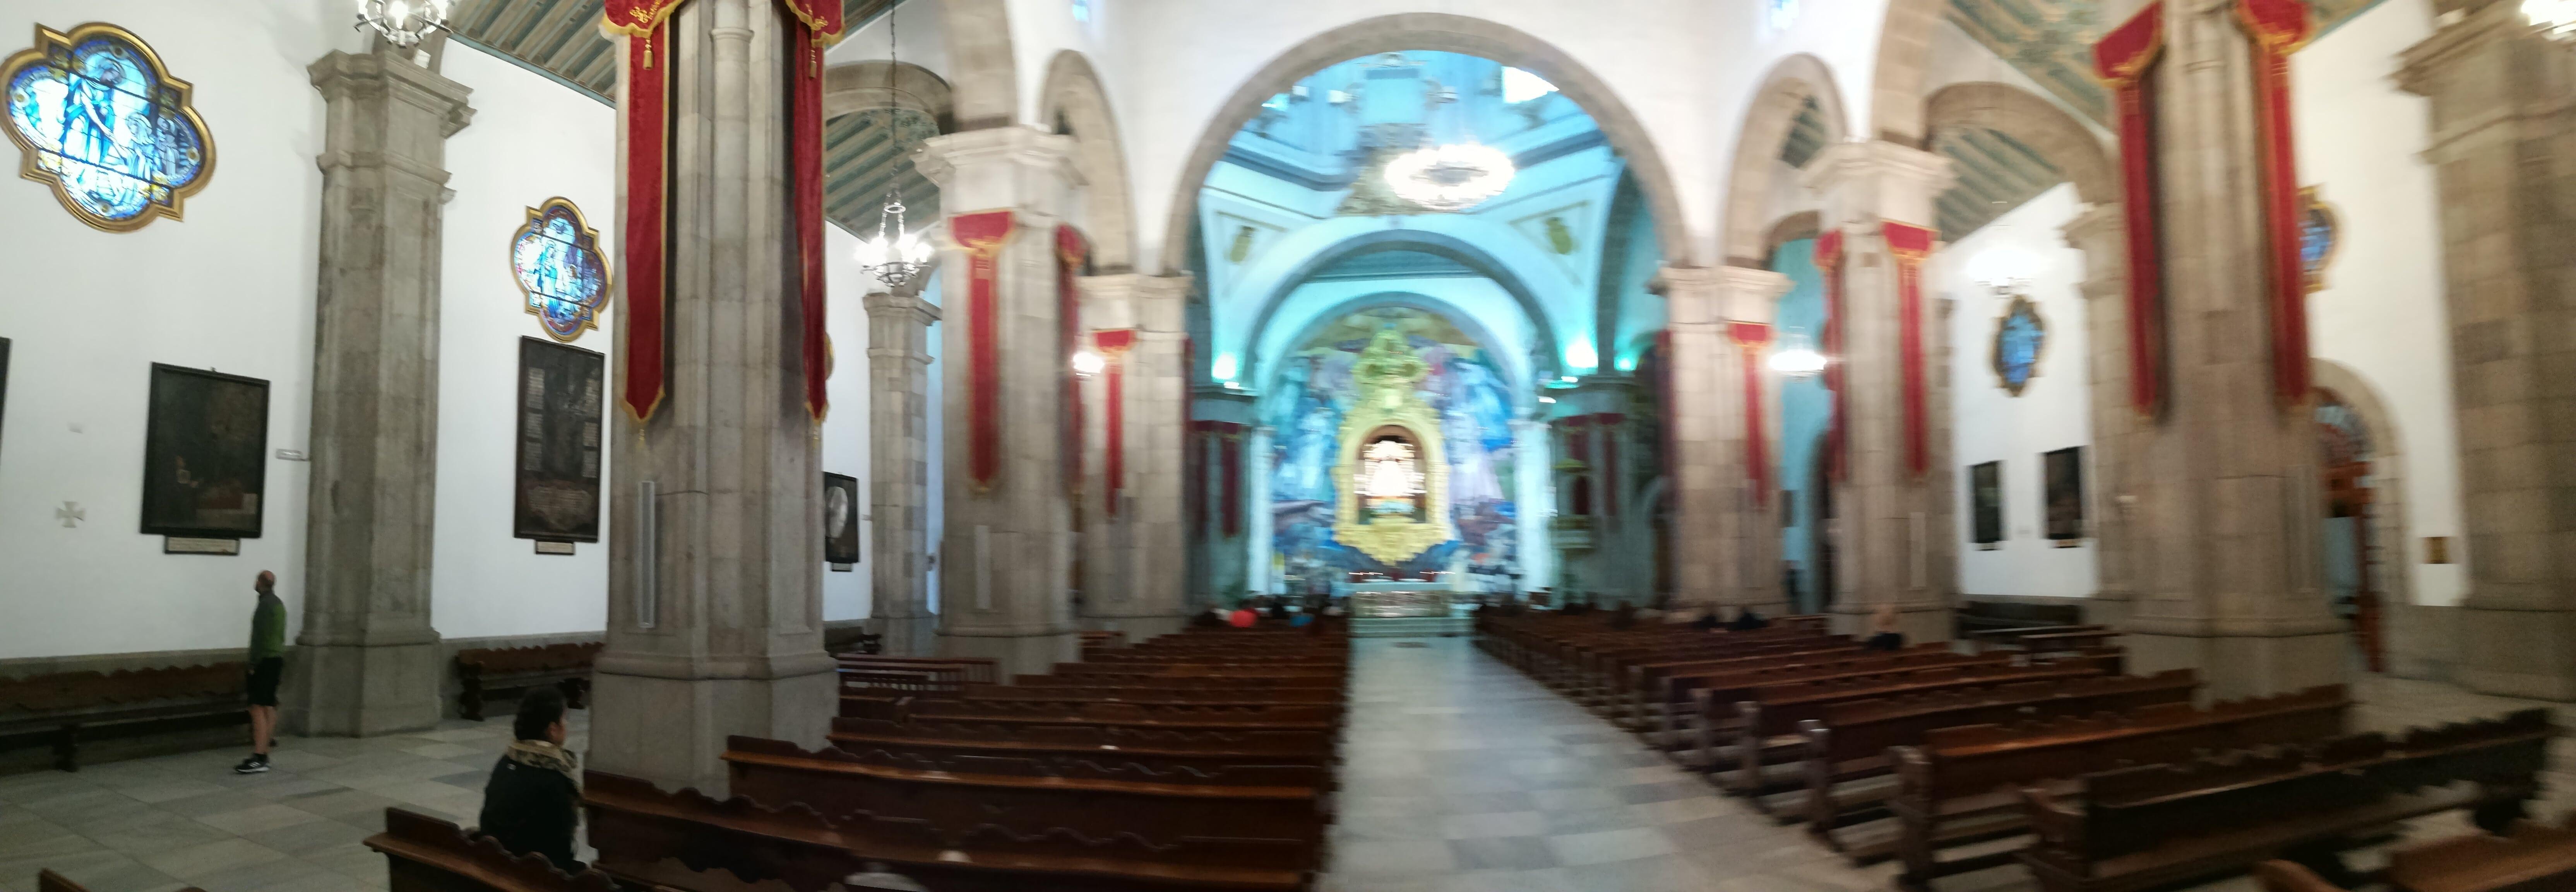 Candelaria Kirche